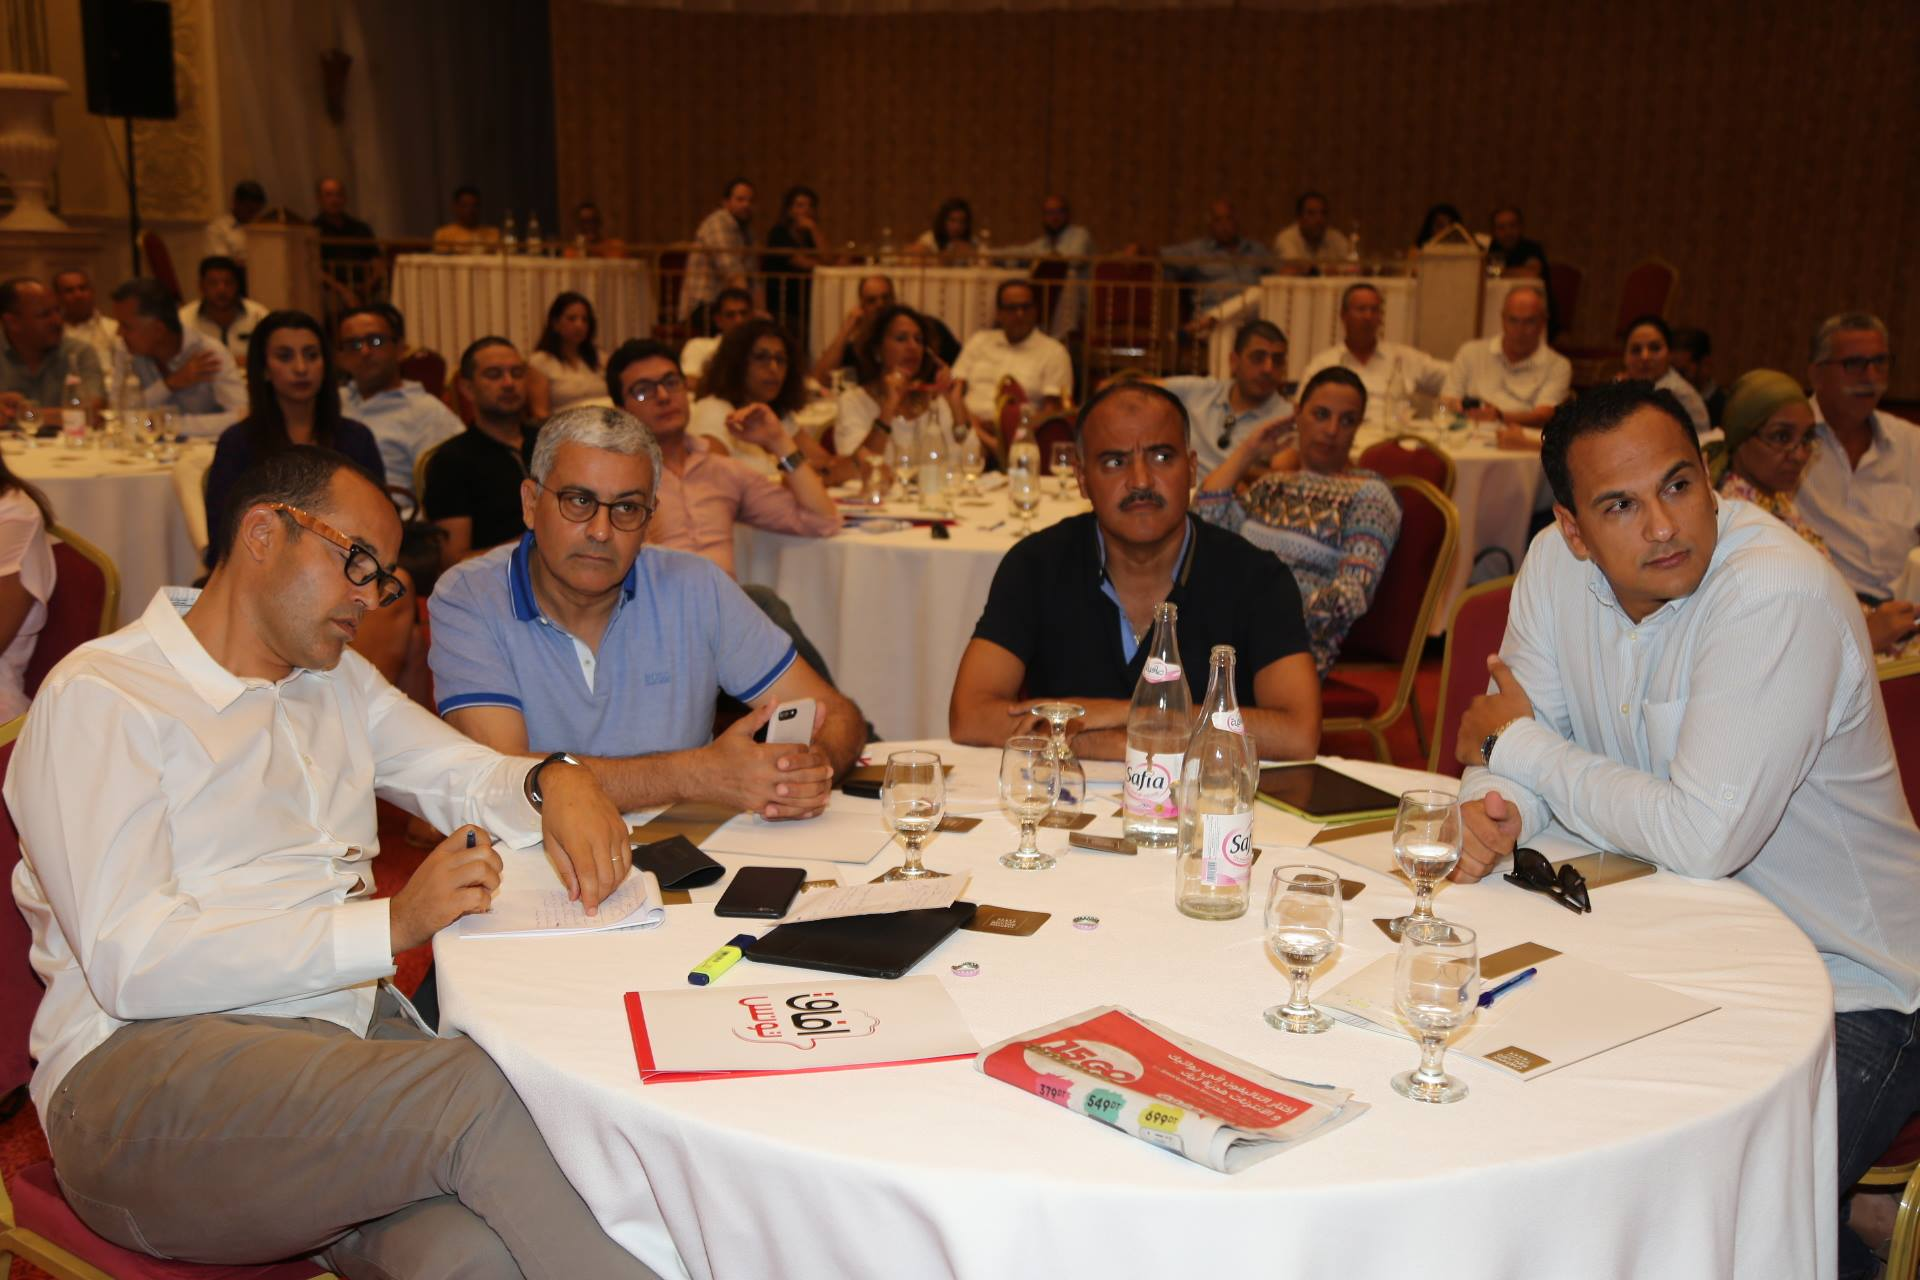 منها طرح تحالف جديد على الشاهد : خطة أفاق تونس لضرب حلف النهضة والنداء من داخل الحكومة!